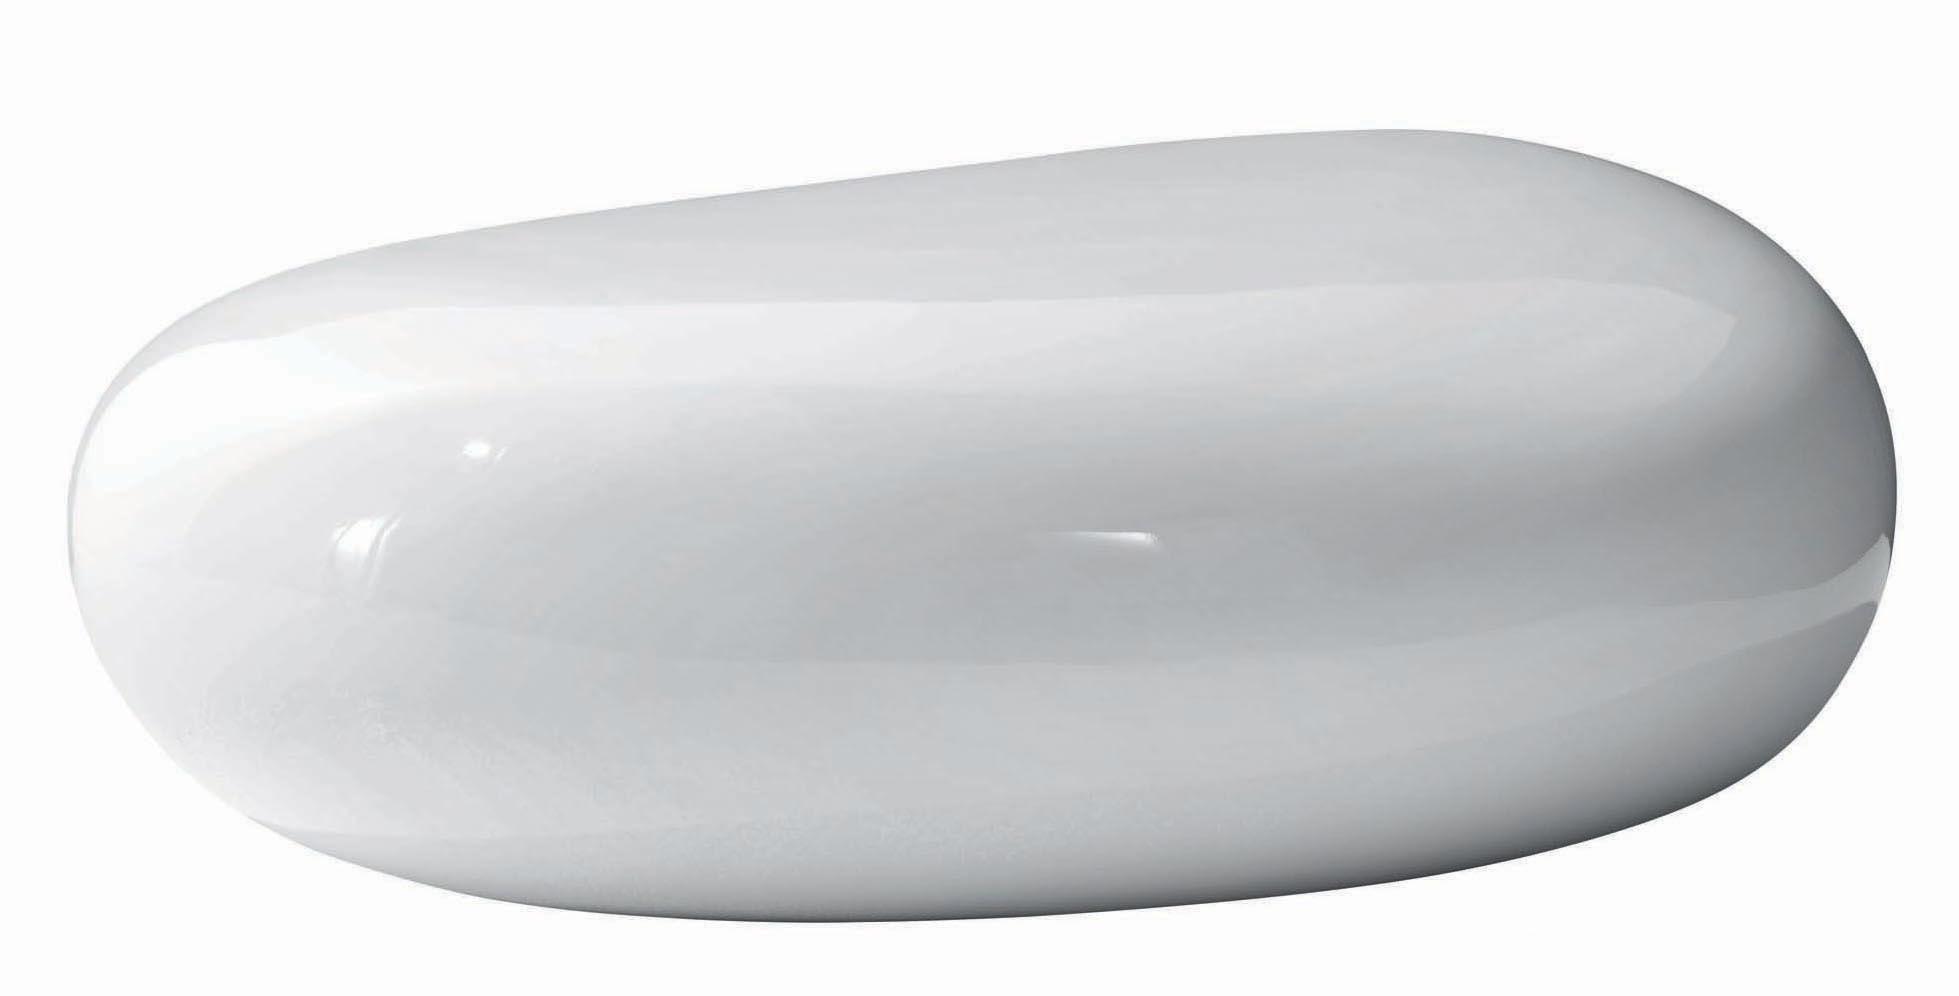 Arredamento - Tavolini  - Pouf Koishi di Driade - Bianco - Fibra di vetro